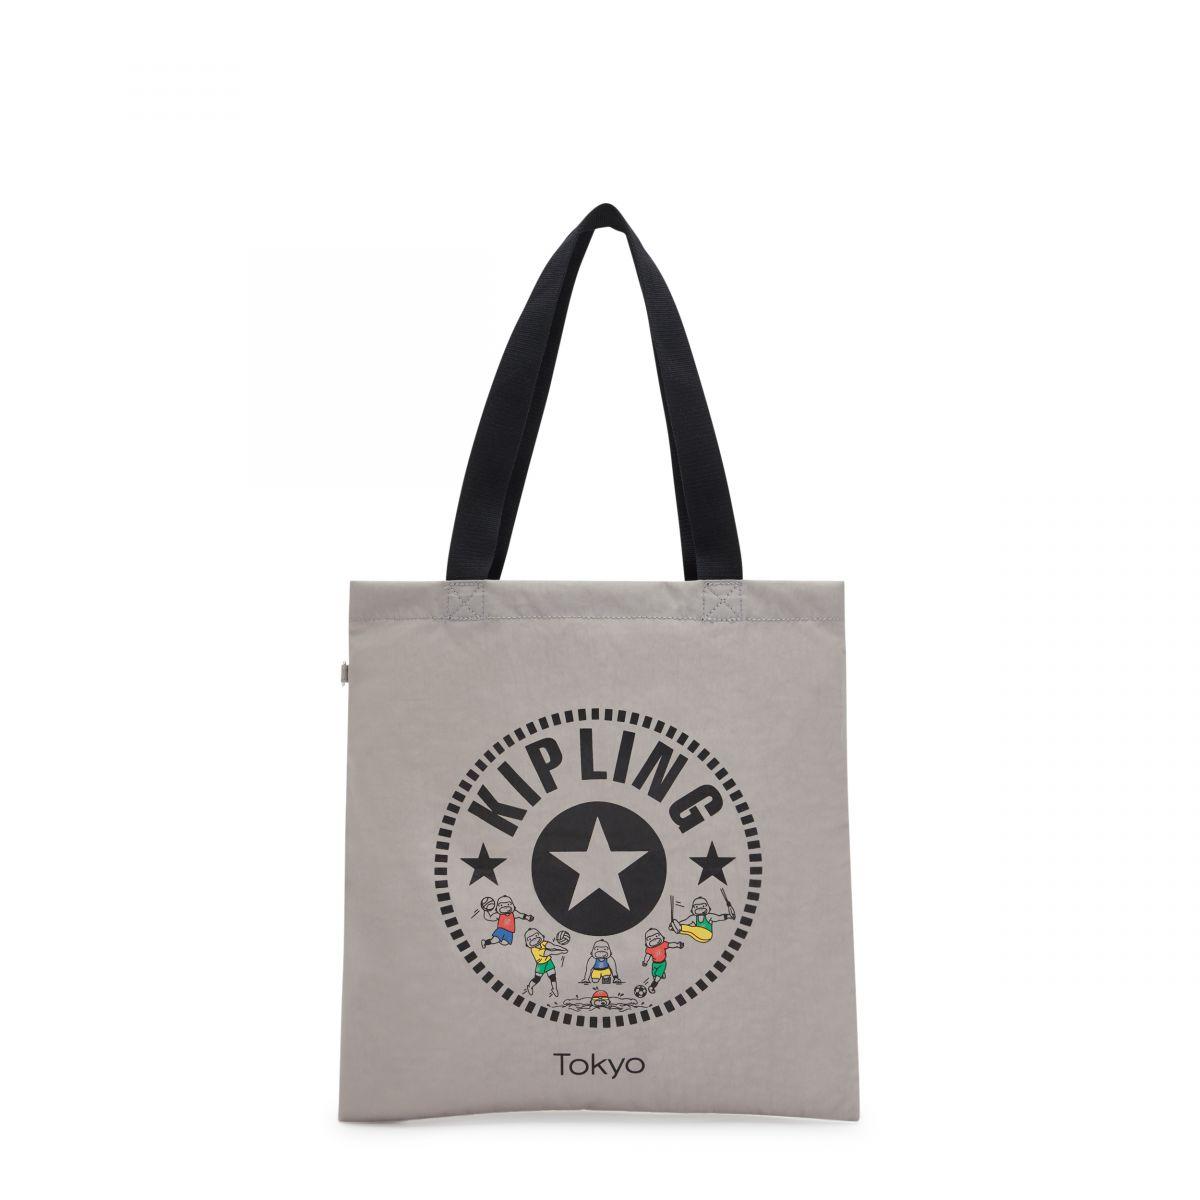 MY TOTE BAG NEW IN by Kipling